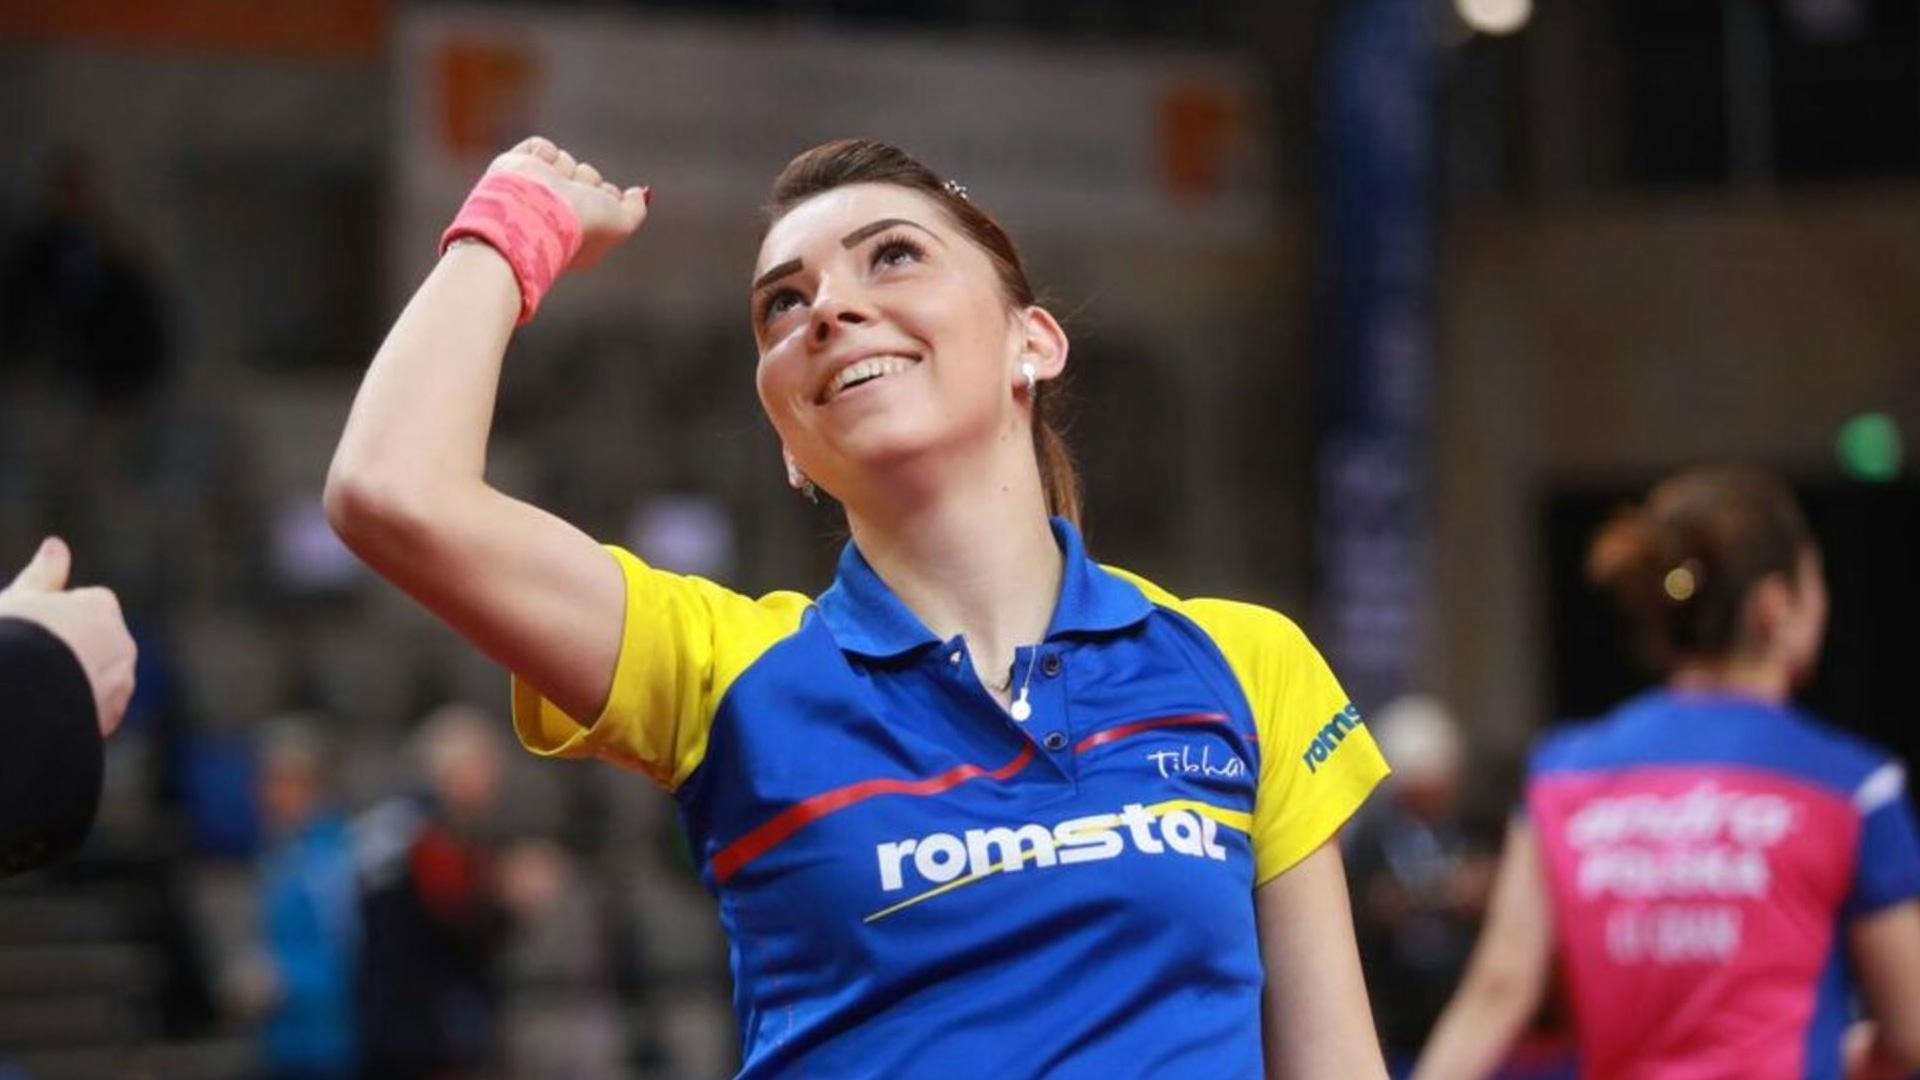 ITTF Europe Top-16 Cup tournament title won by Bernadette Szocs